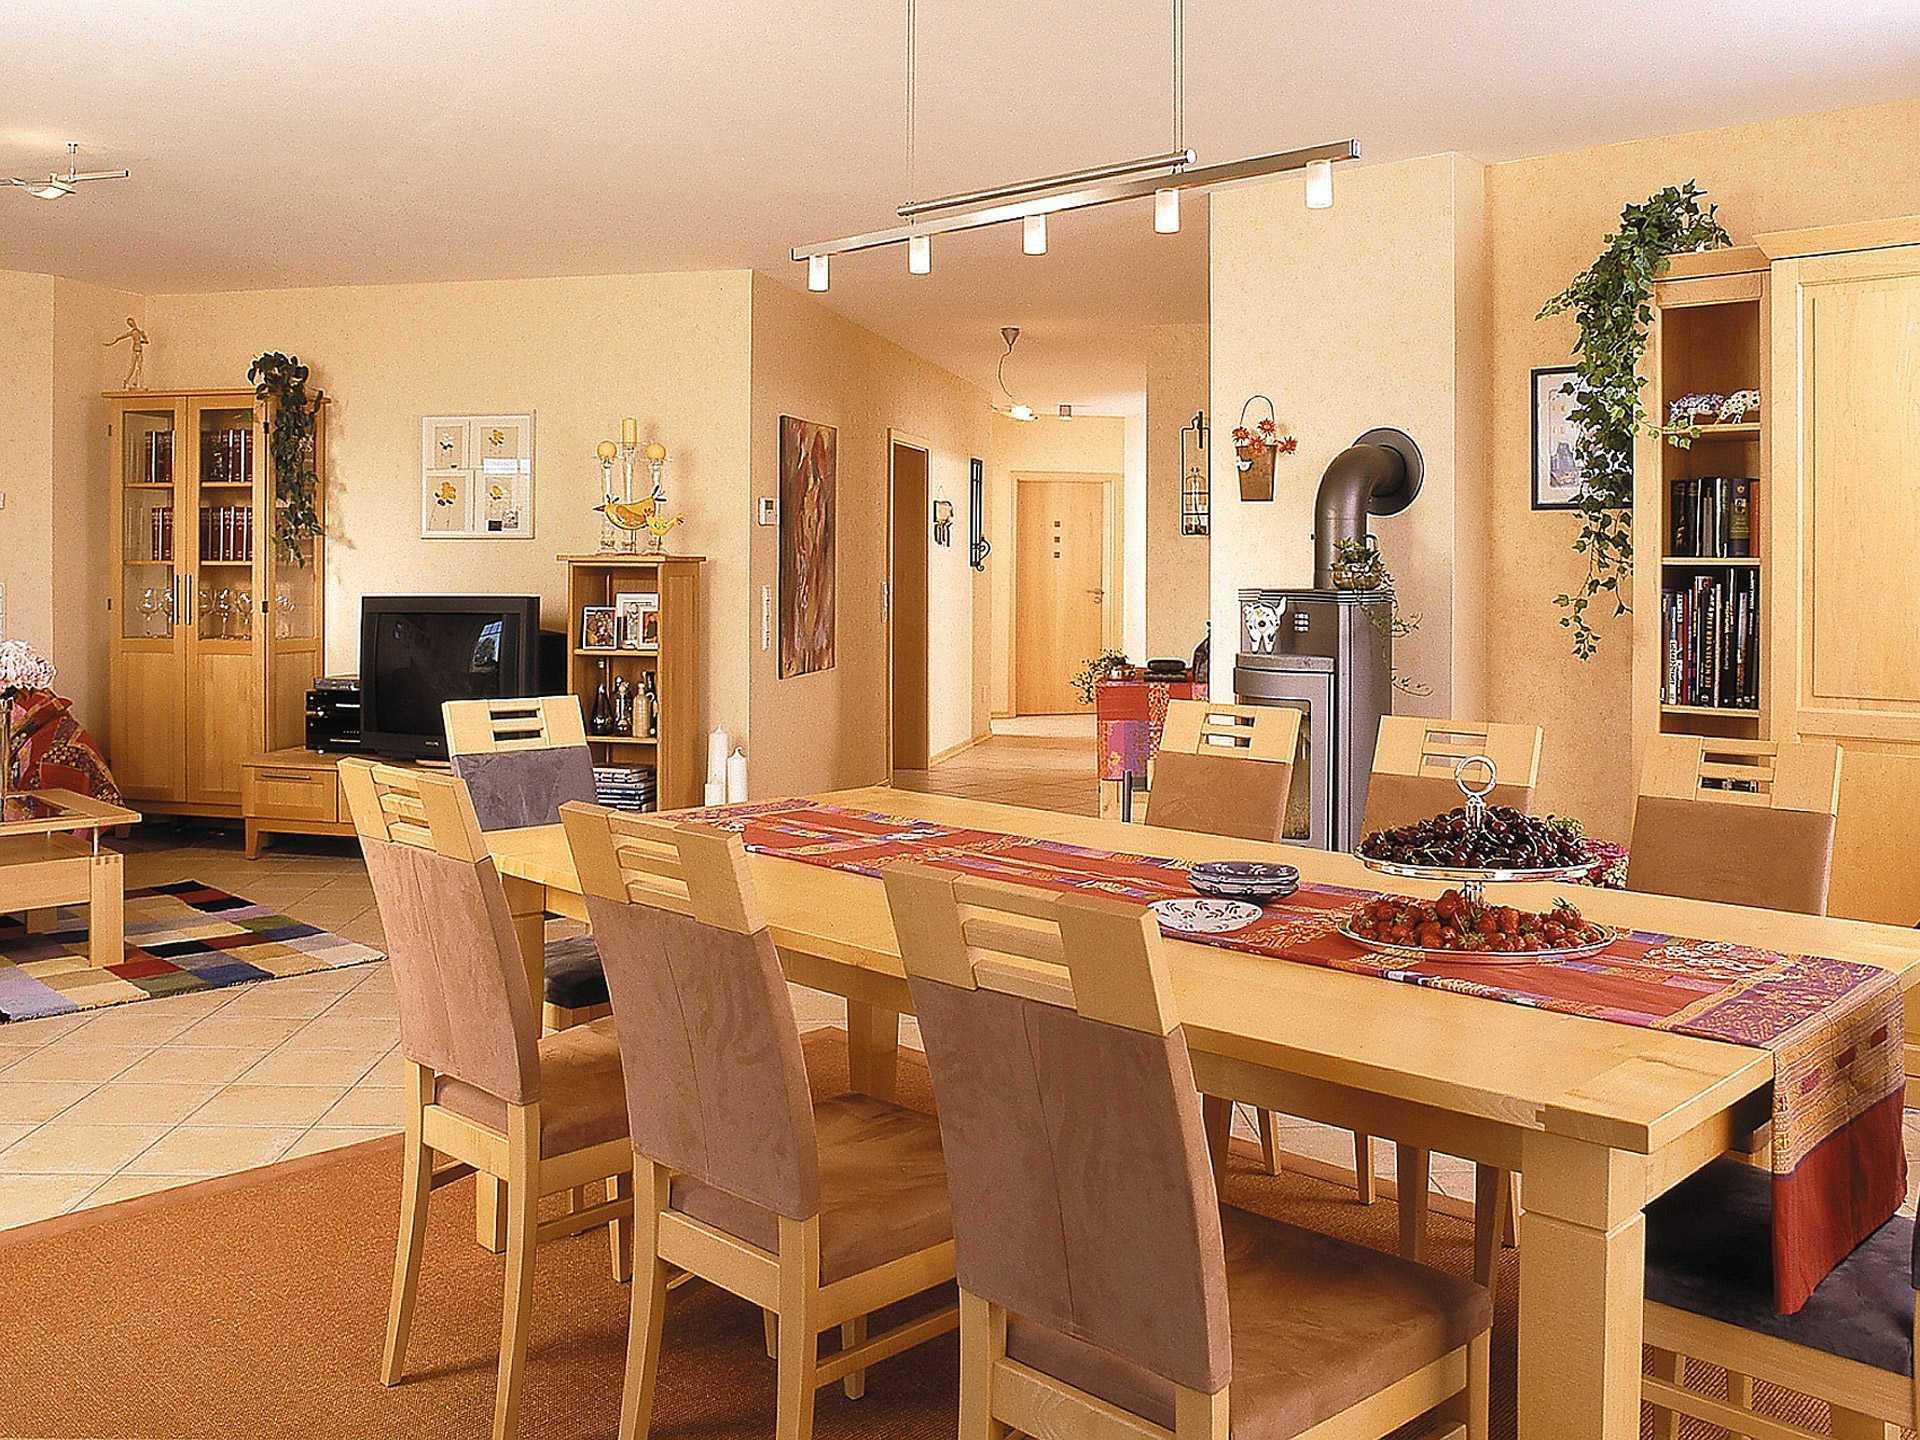 Innenansicht Essbereich - Zweifamilienhaus L161.10 - Fingerhut Haus